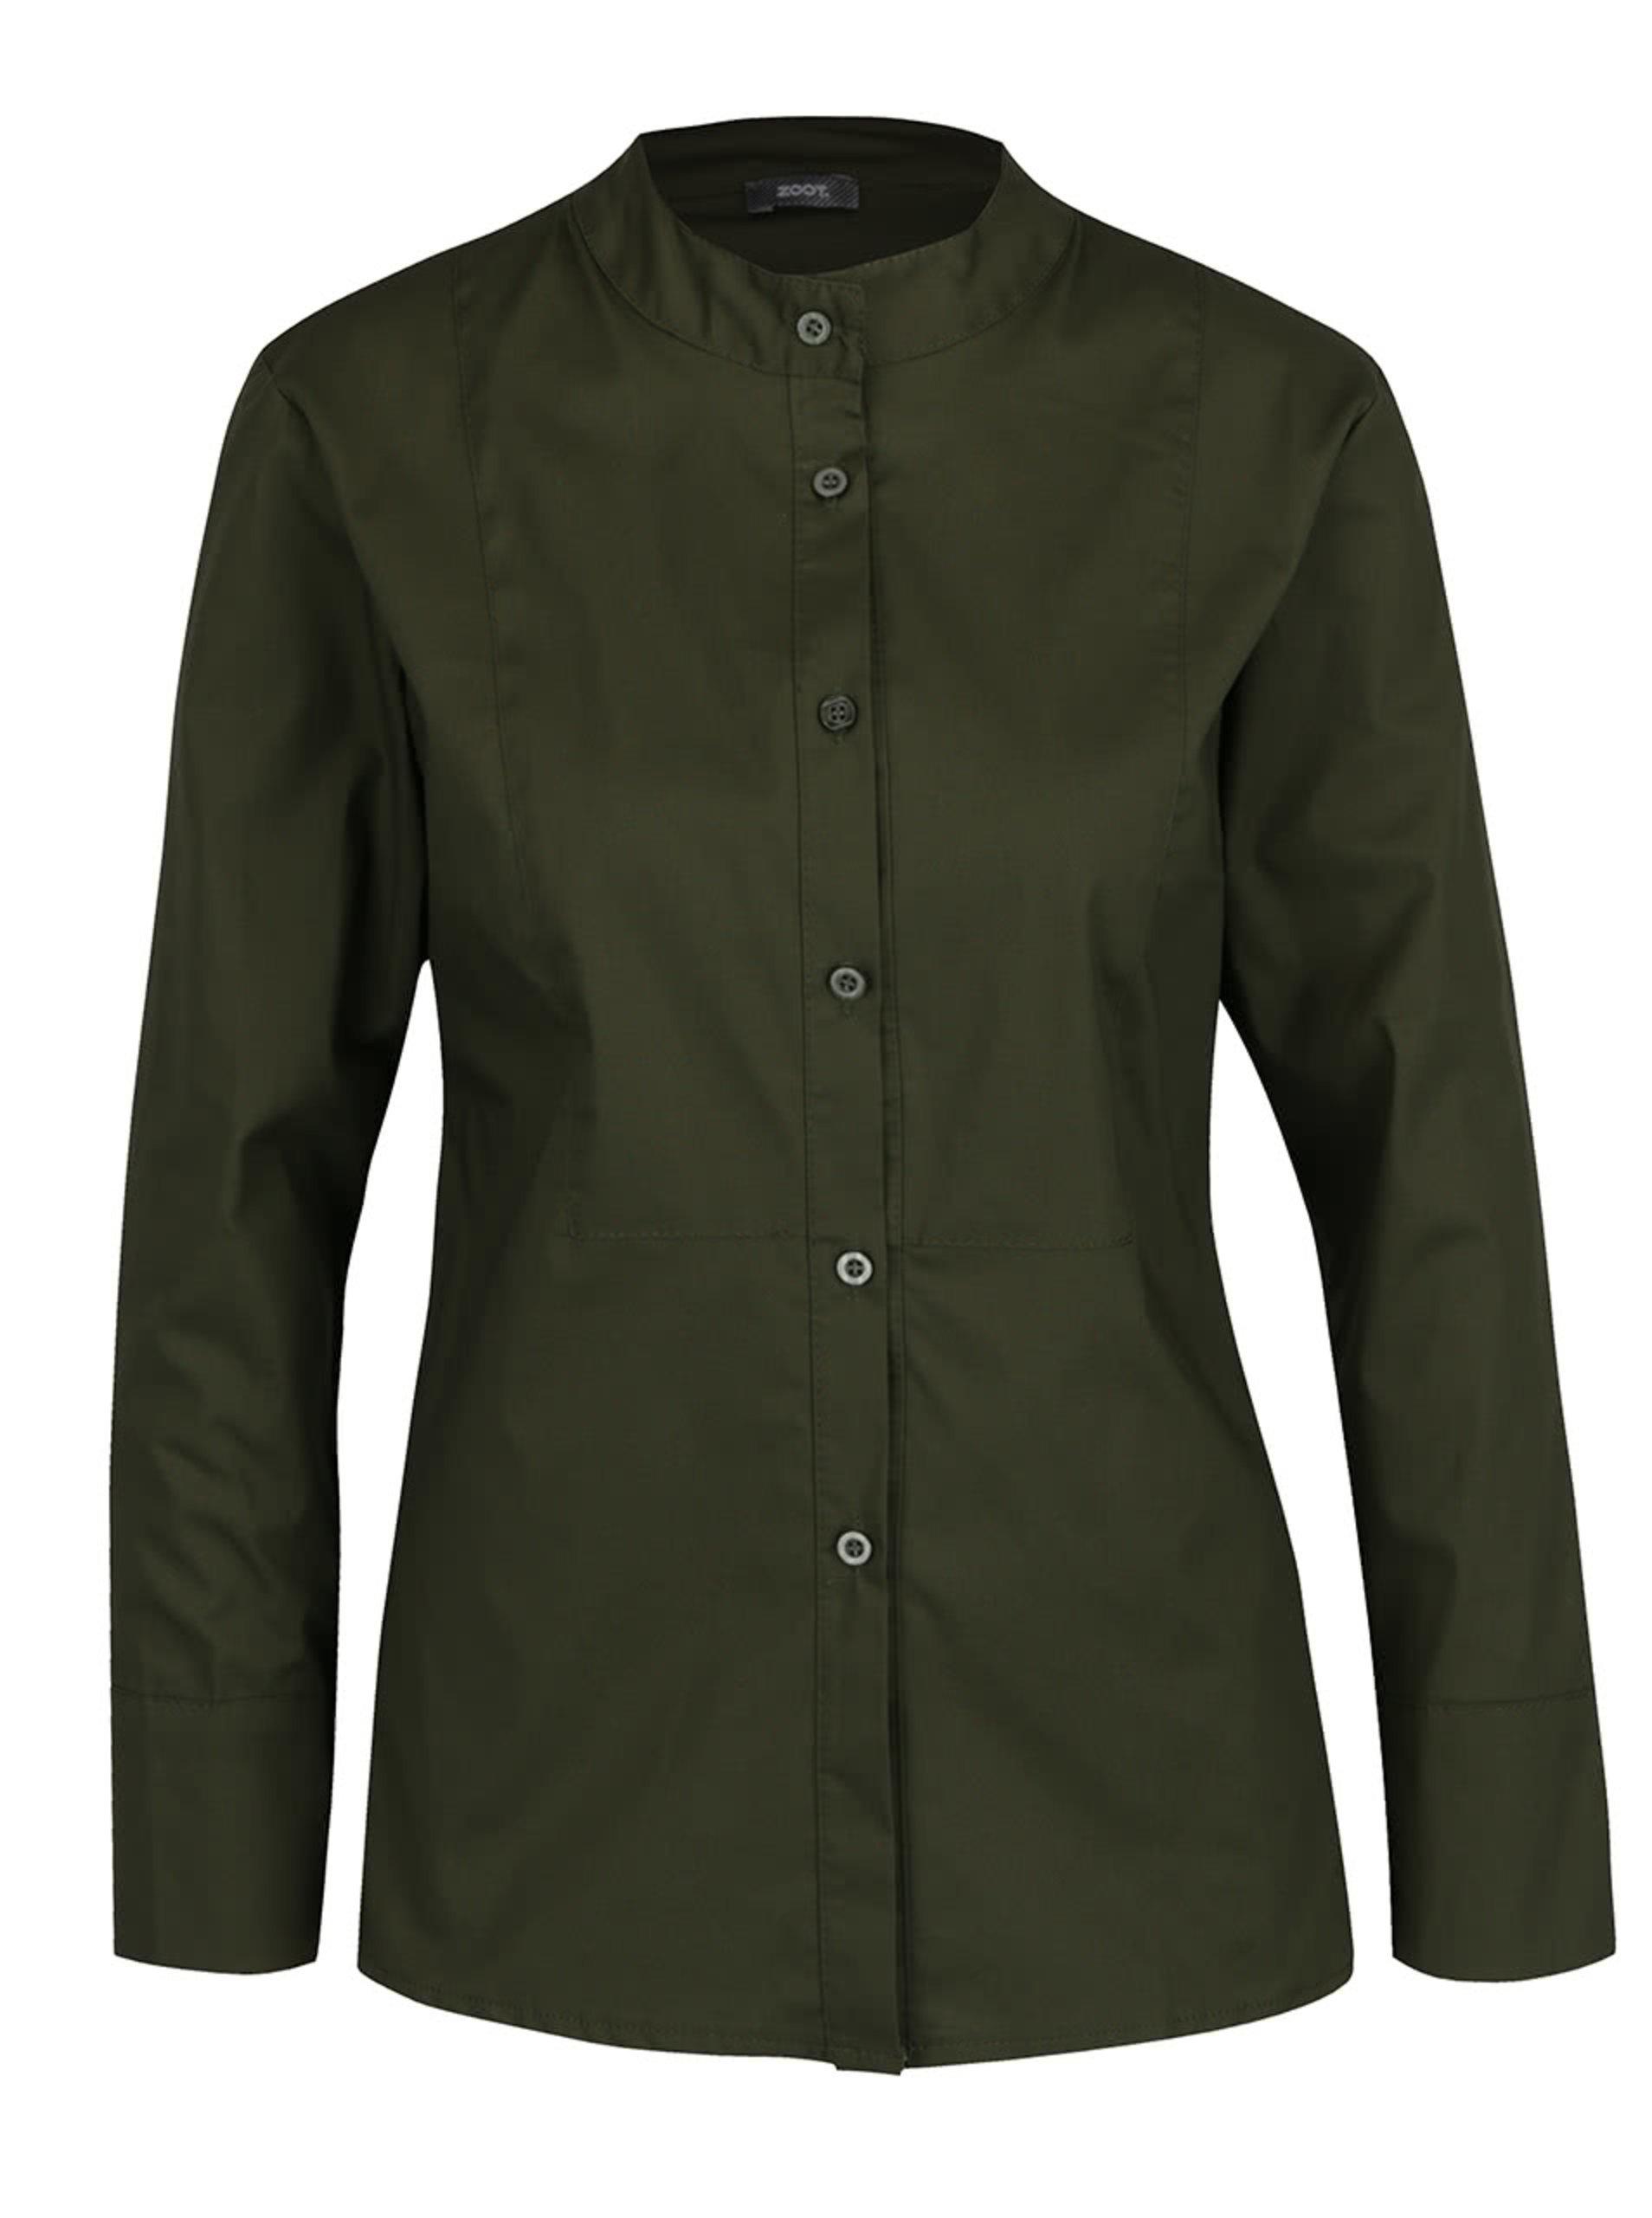 e02f550df664 Tmavě zelená košile bez límečku ZOOT